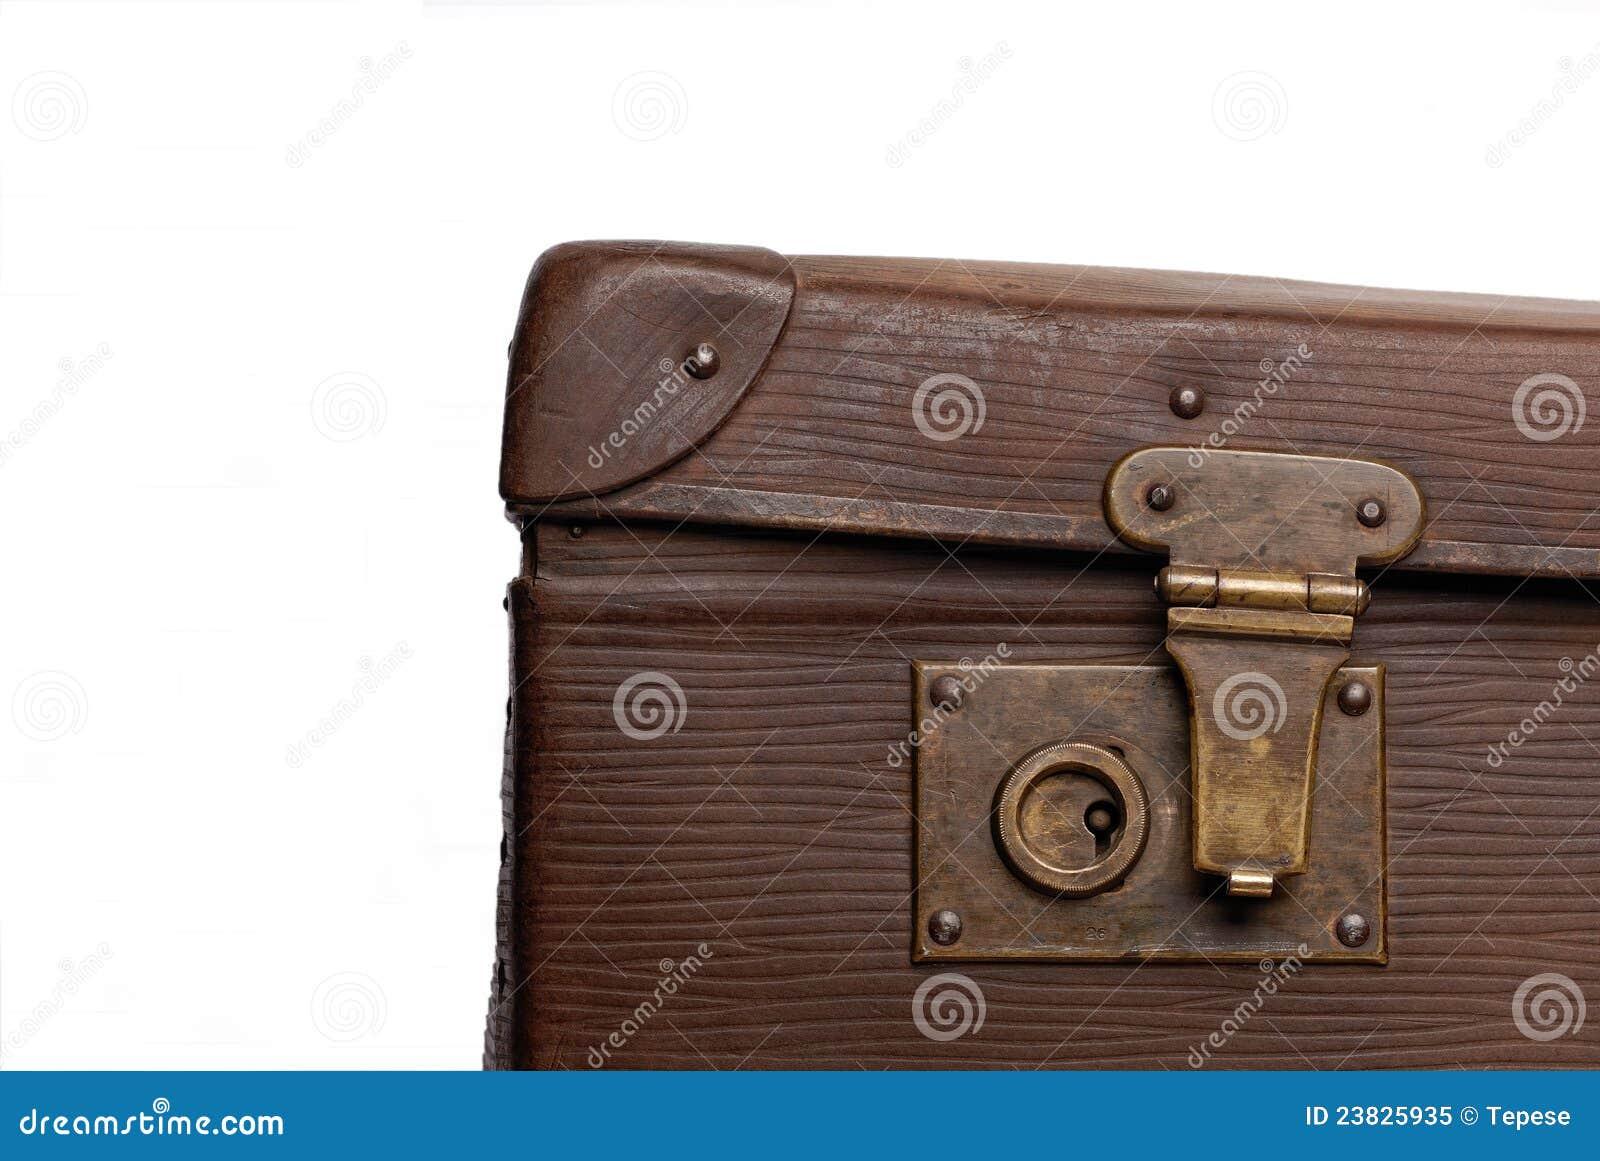 koffer verriegelung